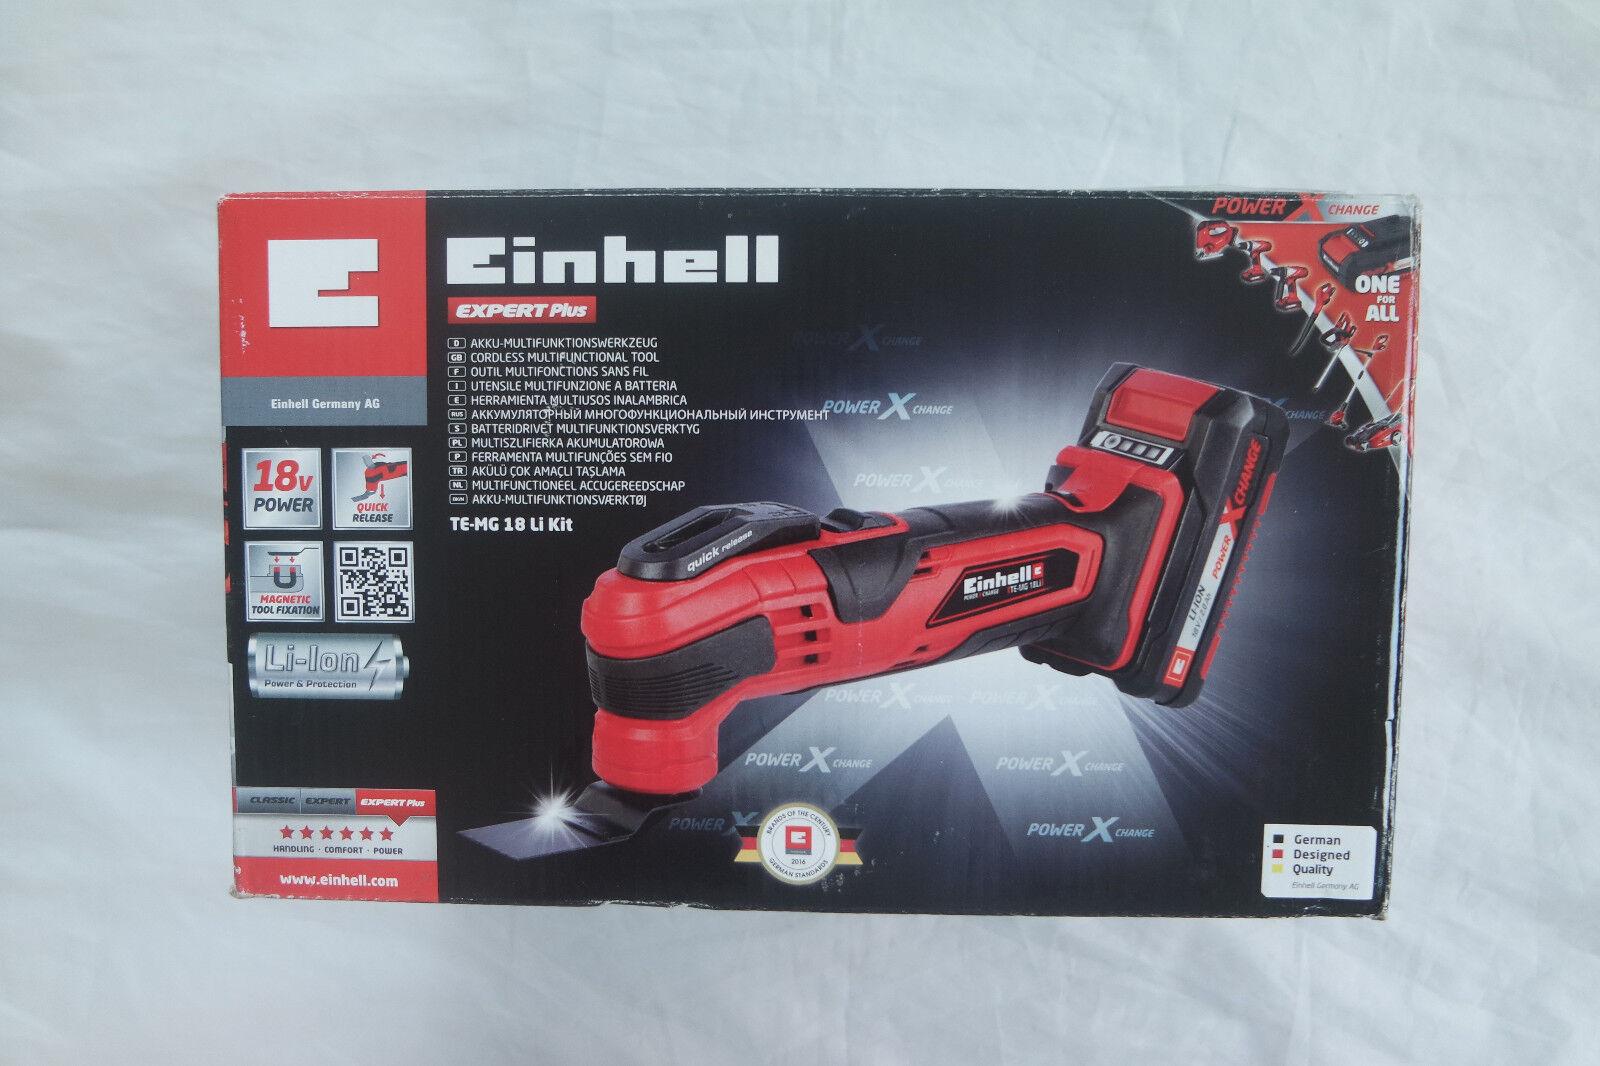 Einhell Akku-Multifunktionswerkzeug TE-MG 18 Li Kit (1x2,0Ah  Power X-Change